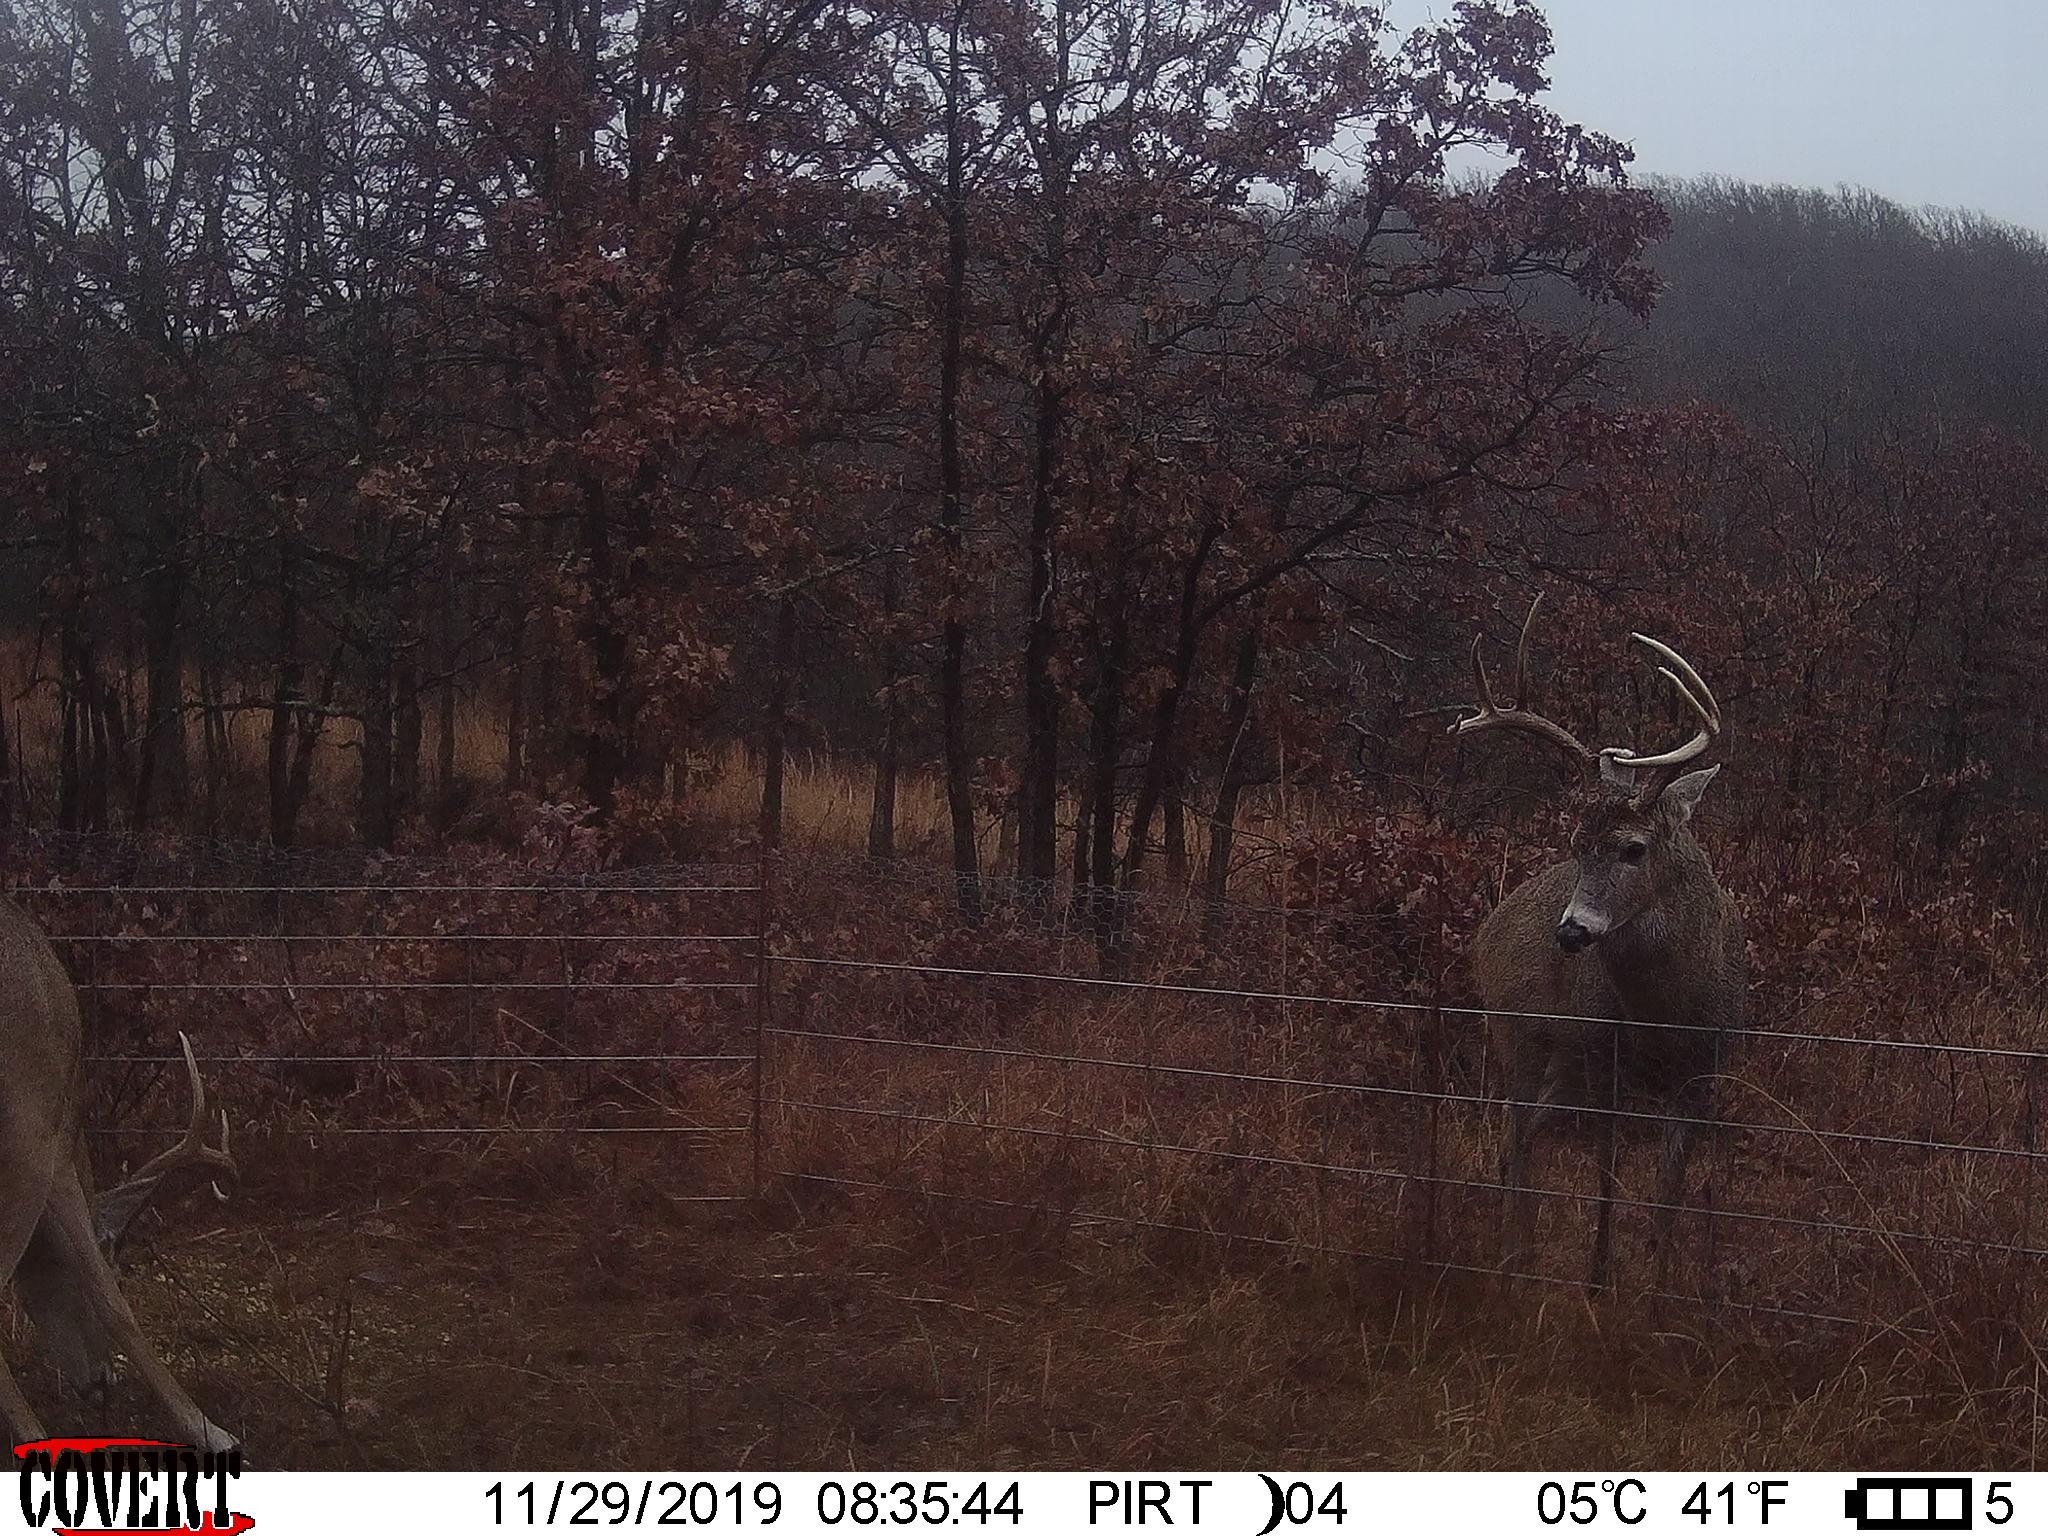 Osage 380 - Oklahoma Lease 2020 - Hunt 180